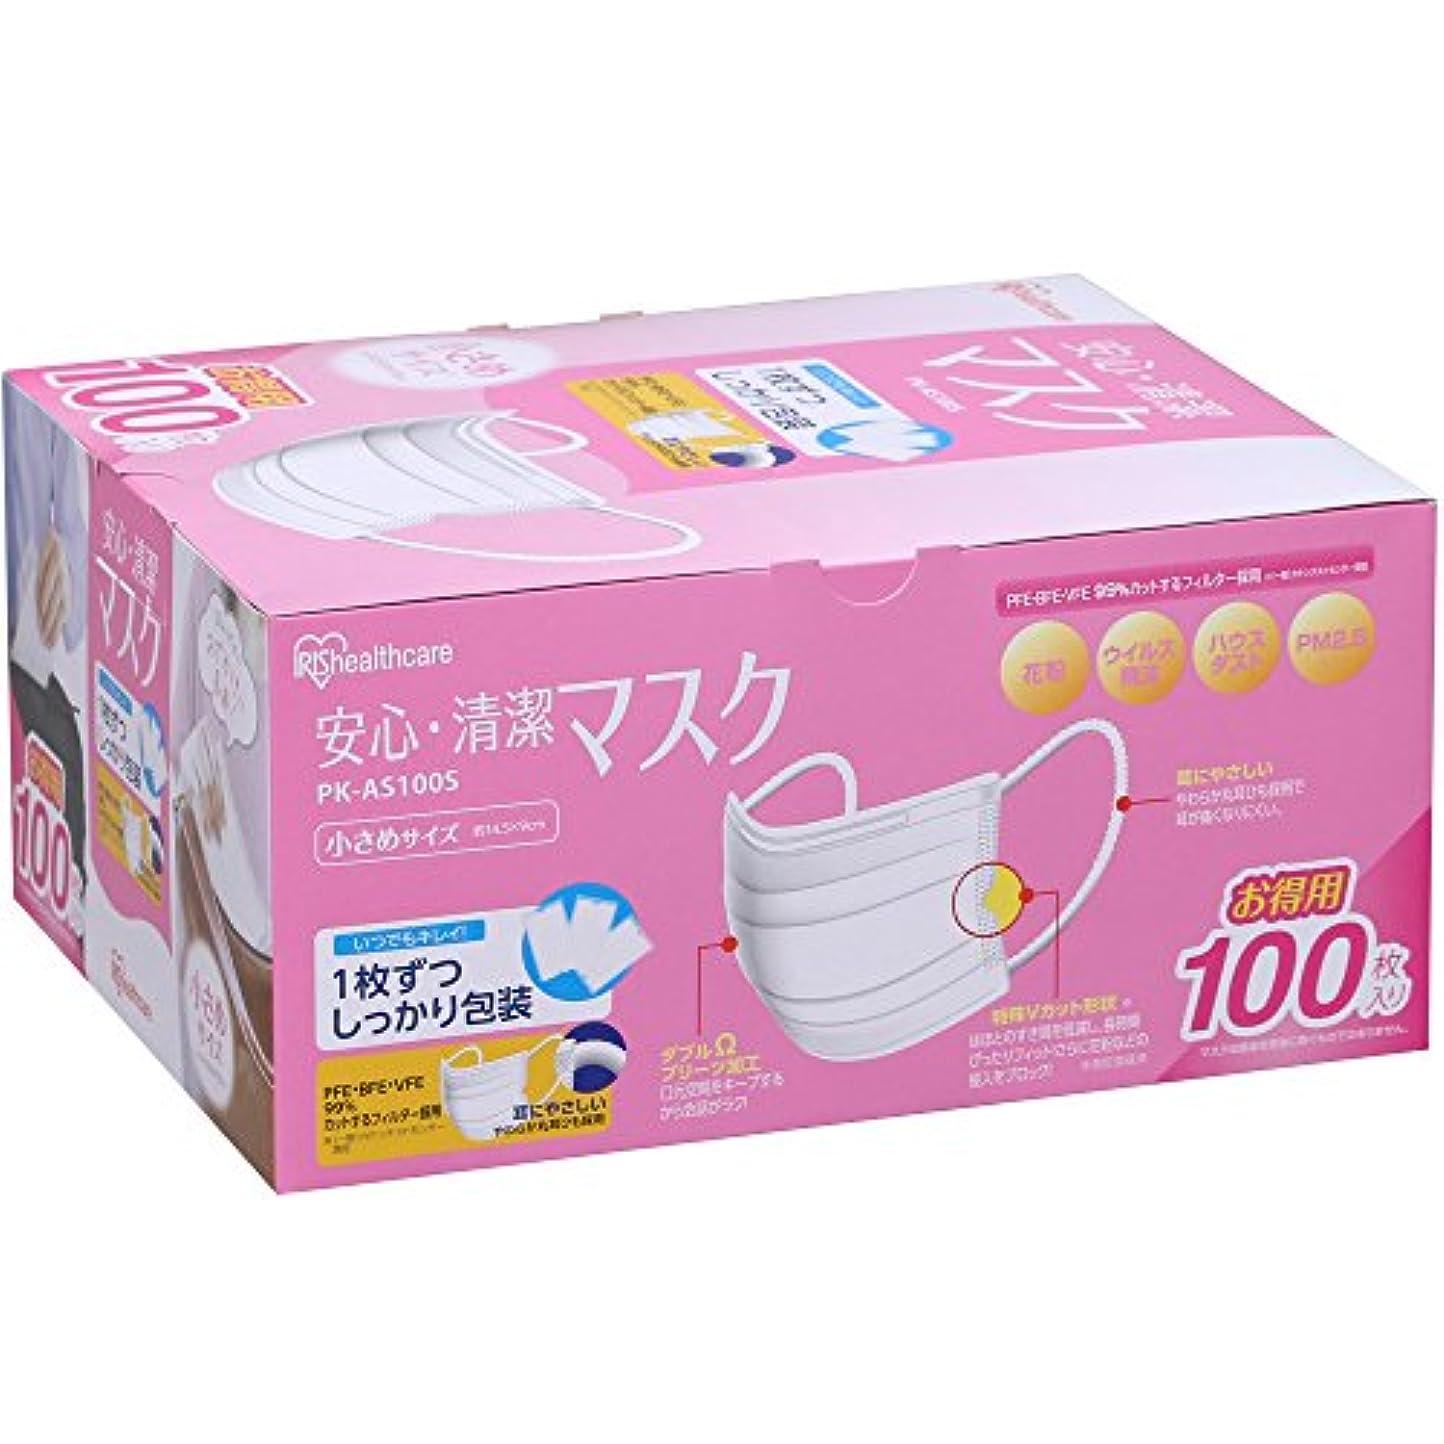 リッチ関税近所のアイリスオーヤマ マスク 小さめ 安心?清潔 個包装 100枚入 PK-AS100S(PM2.5 花粉 黄砂対応)